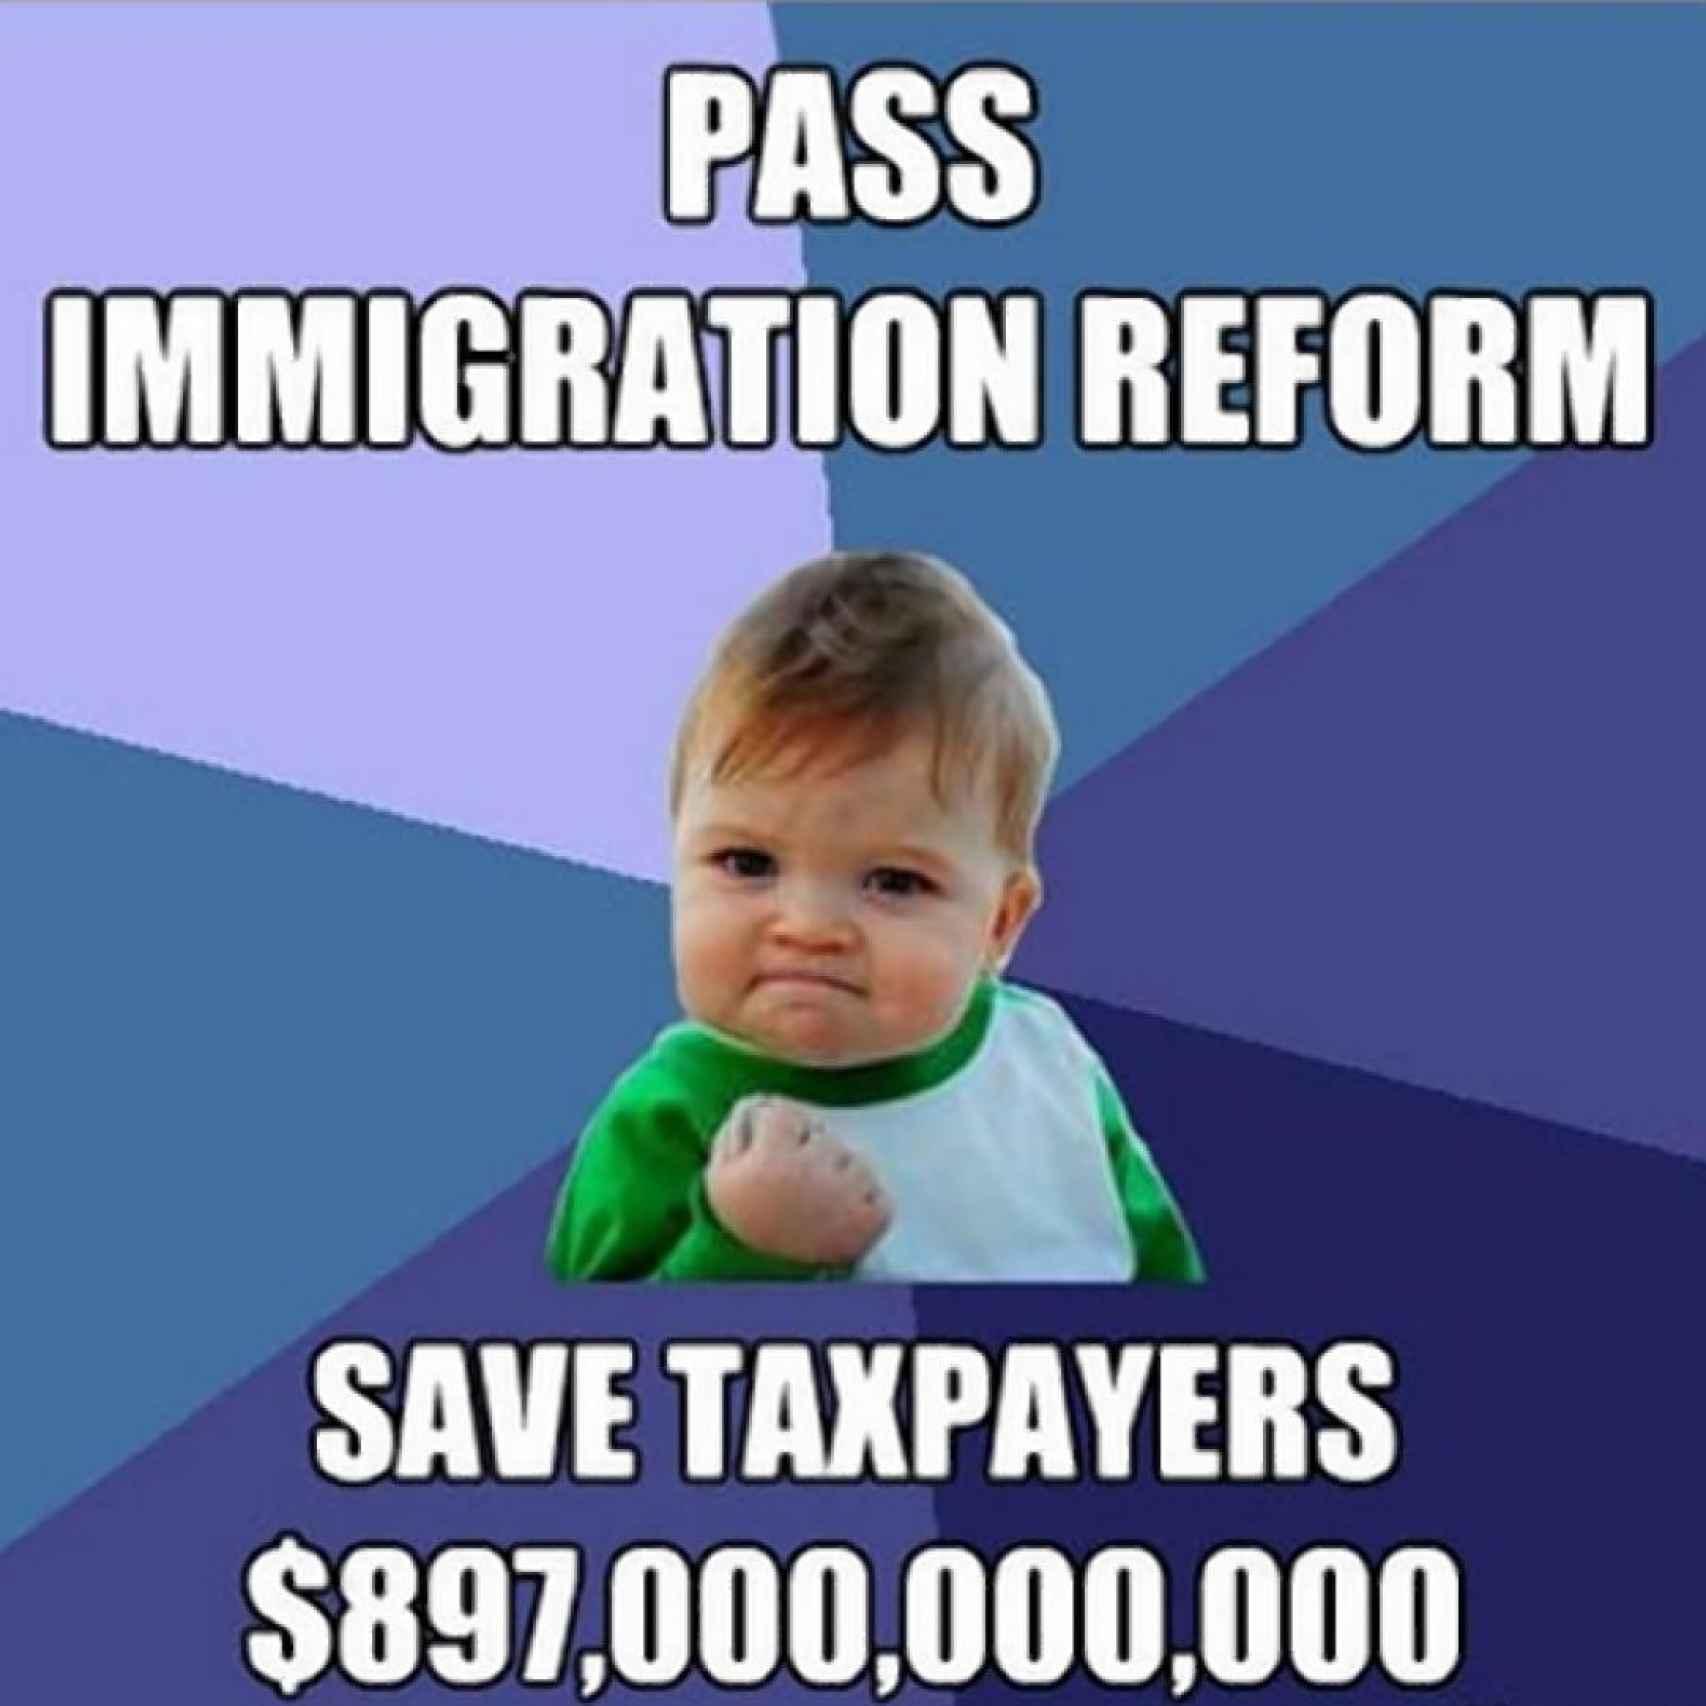 El mismísimo Obama utilizó la imagen para una campaña gubernamental.